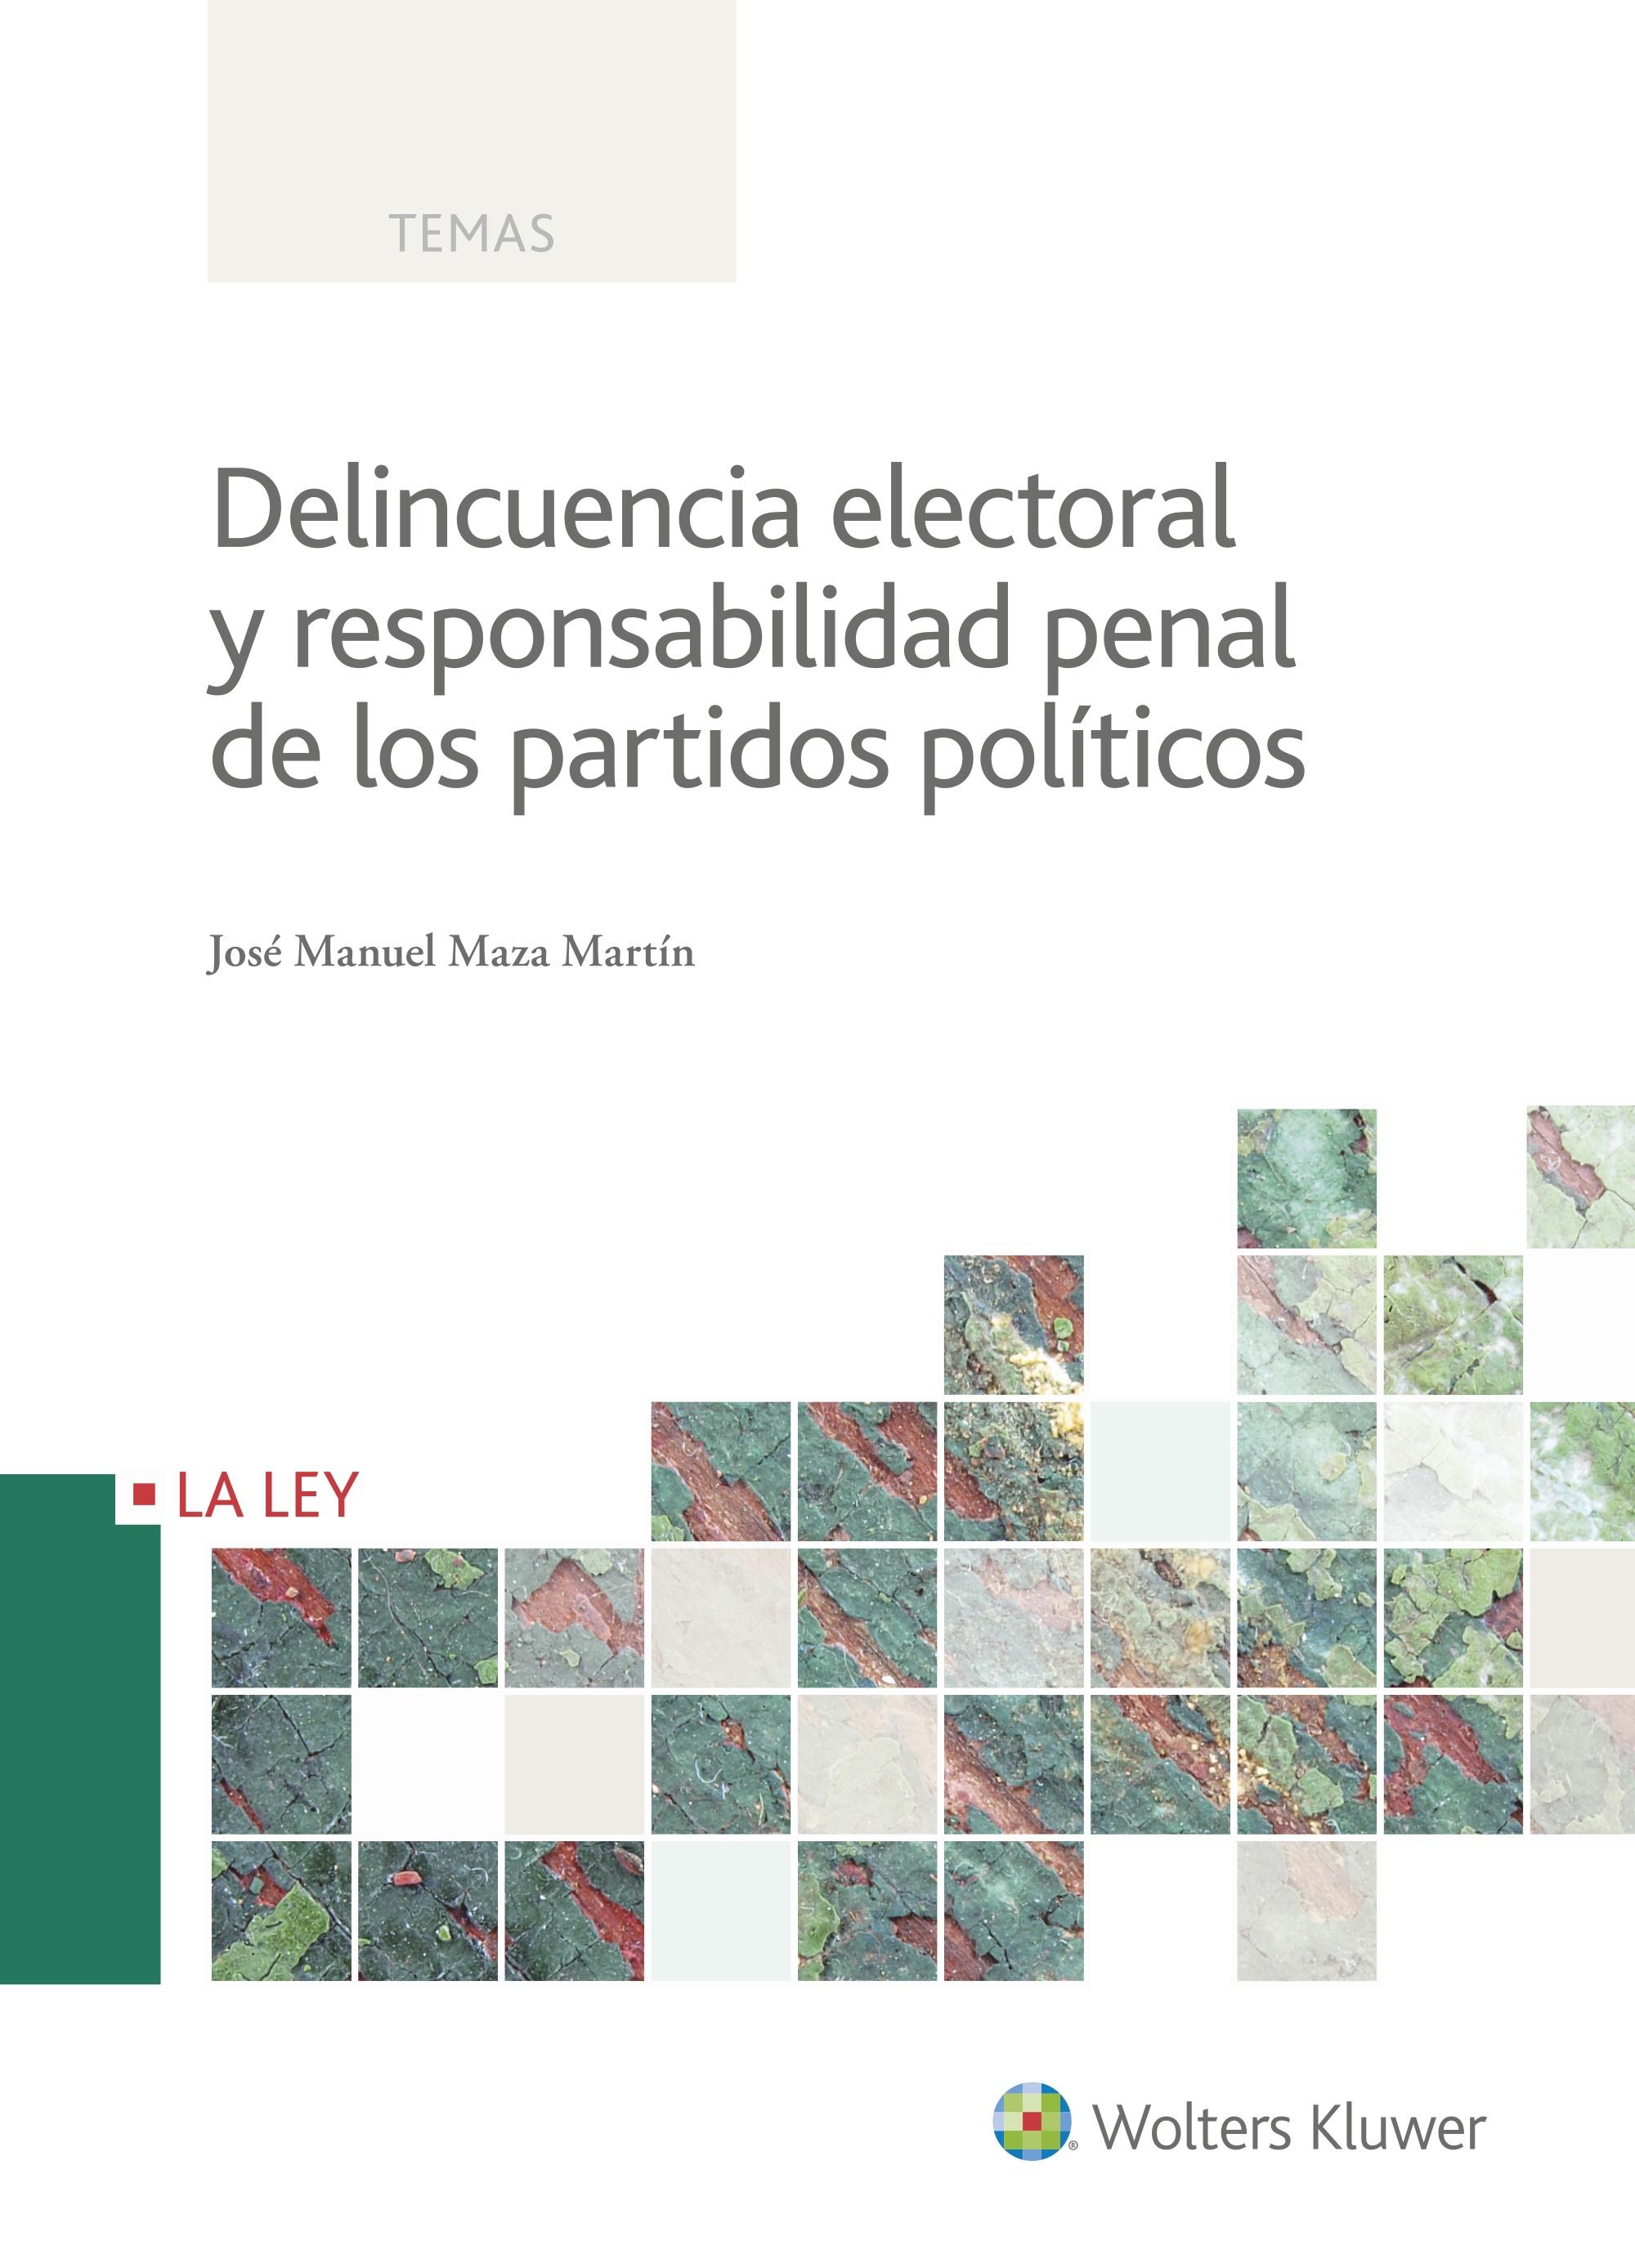 DELINCUENCIA ELECTORAL Y RESPONSABILIDAD PENAL DE LOS PARTIDOS PO